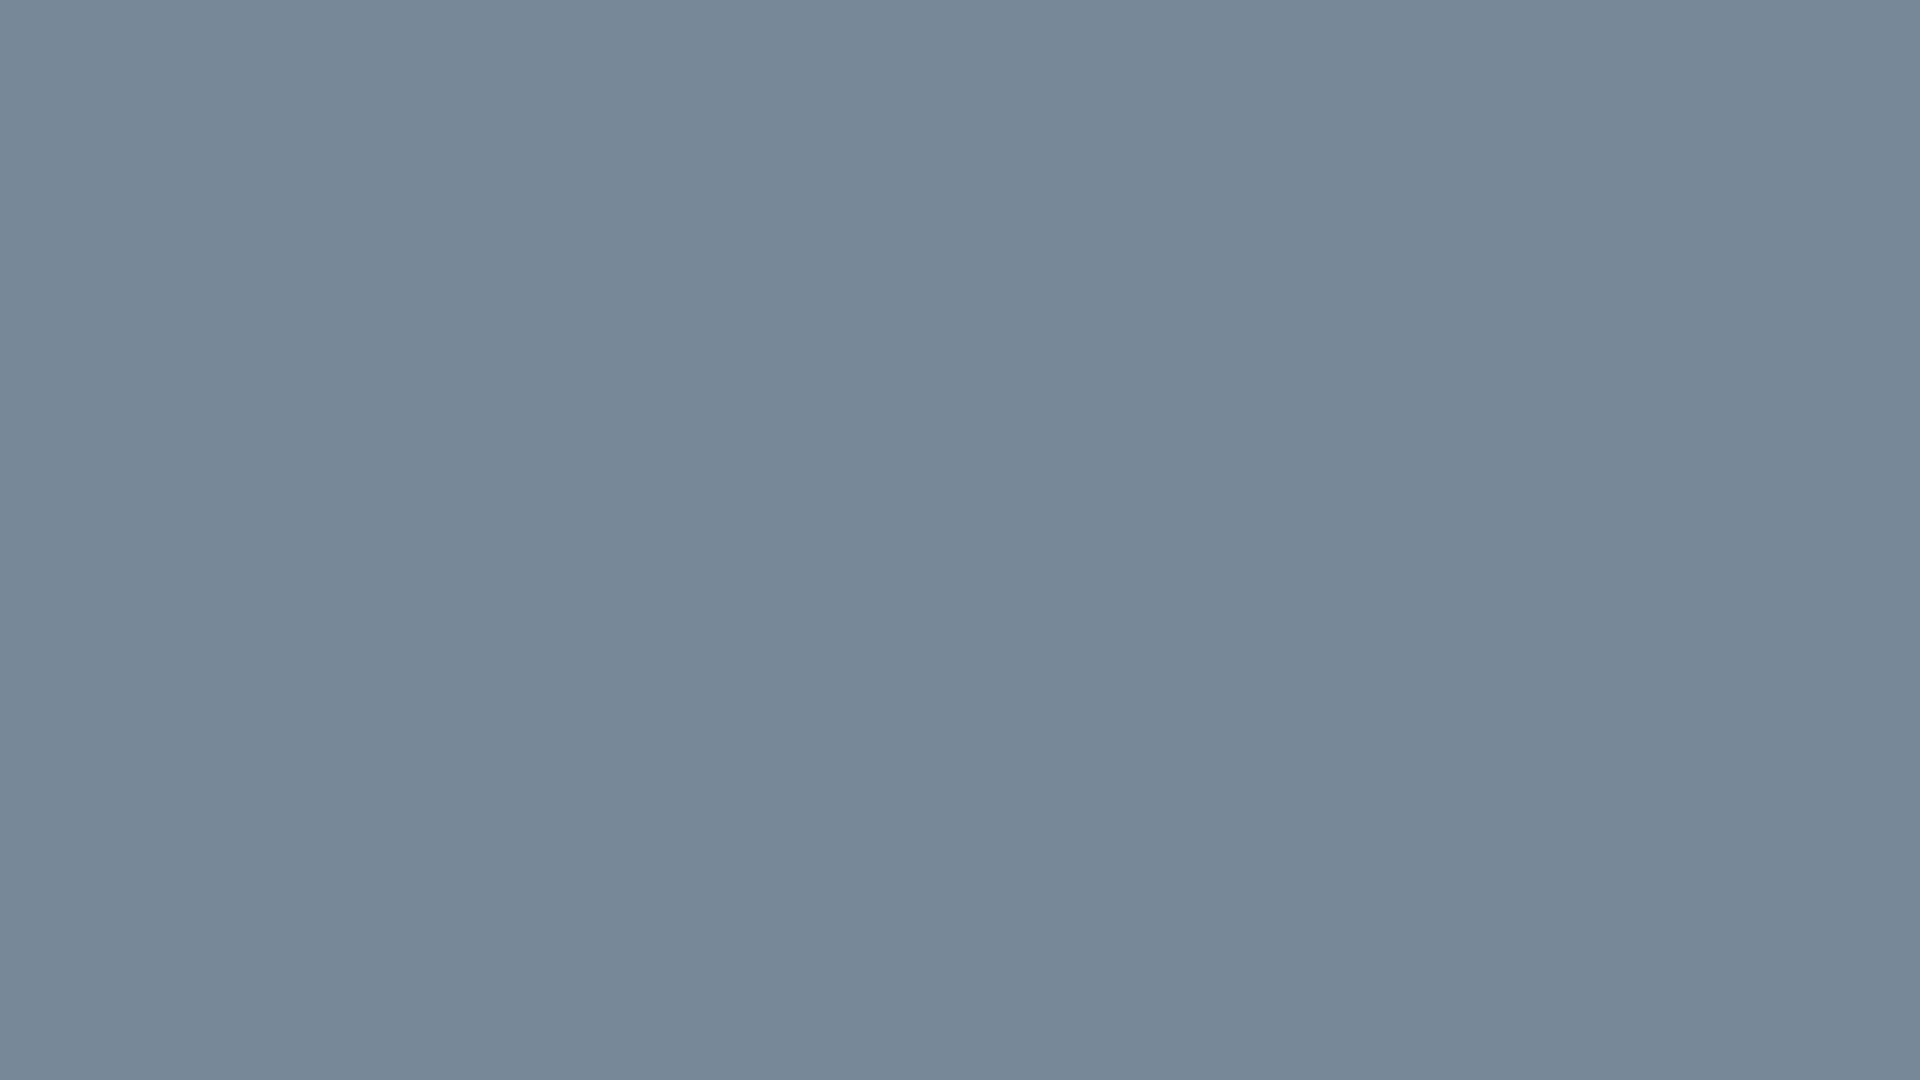 1920x1080 light slate gray solid color background. Black Bedroom Furniture Sets. Home Design Ideas